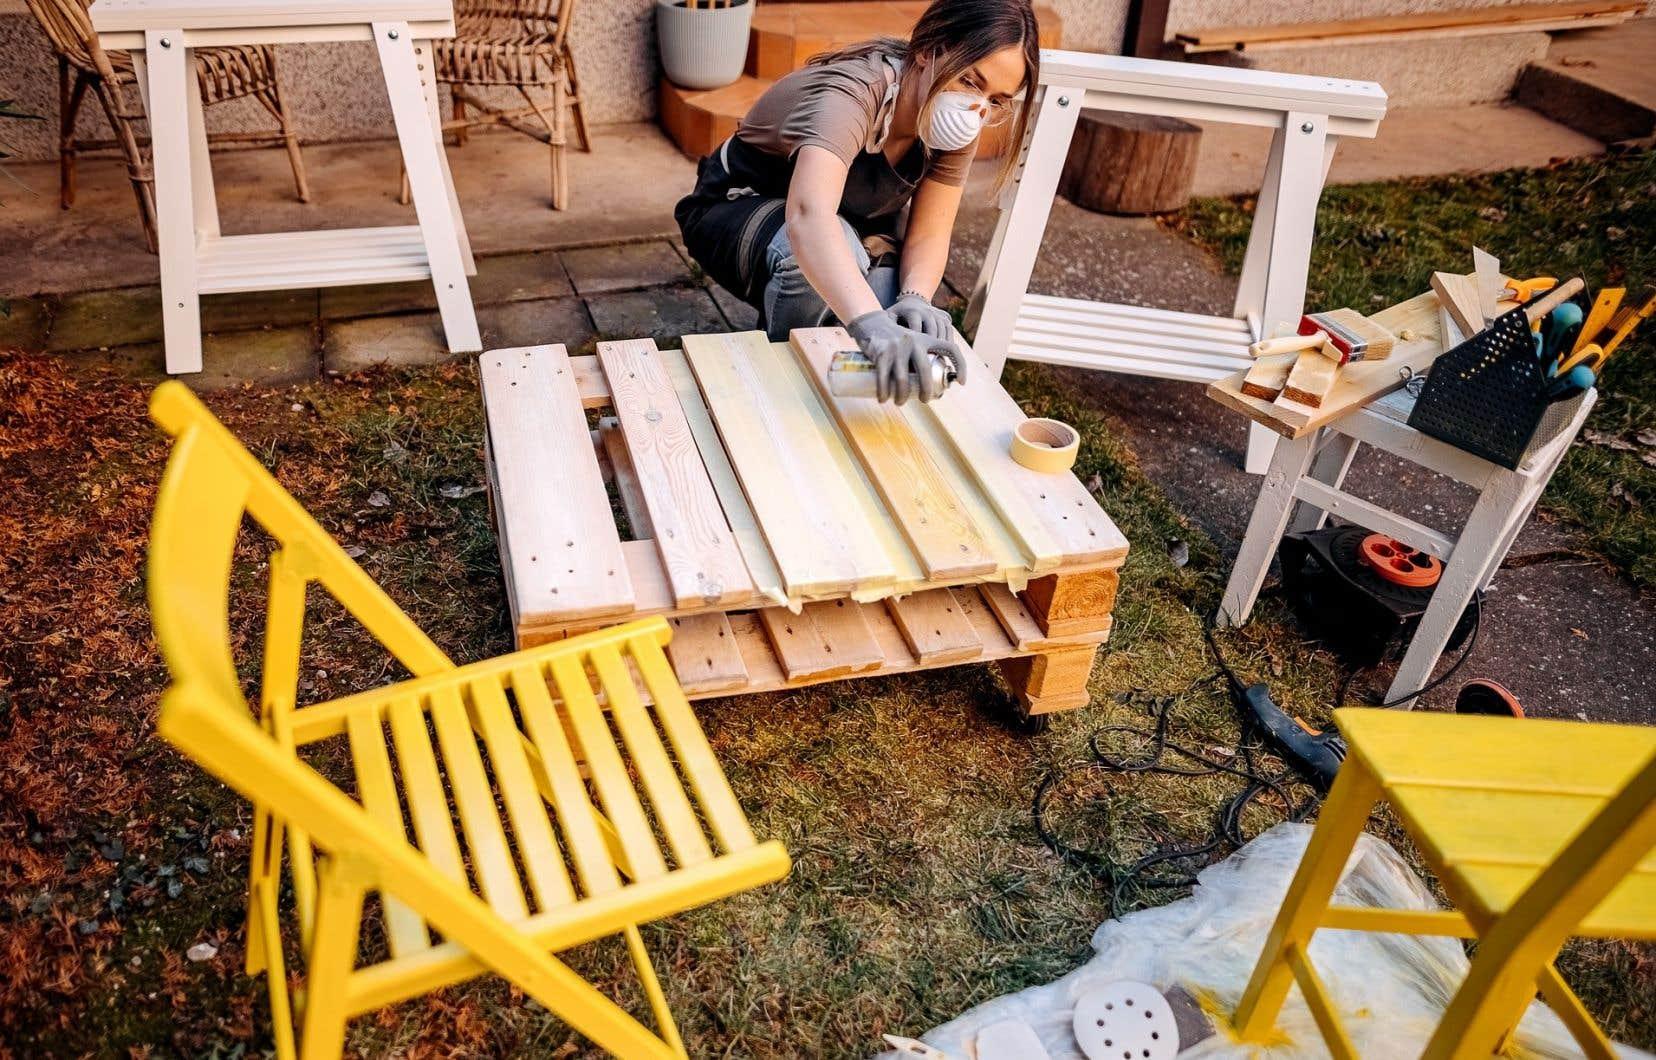 Vous êtes un peu bricoleur? Vous pouvez utiliser du bois de palette pour fabriquer votre propre mobilier sur mesure à peu de frais.